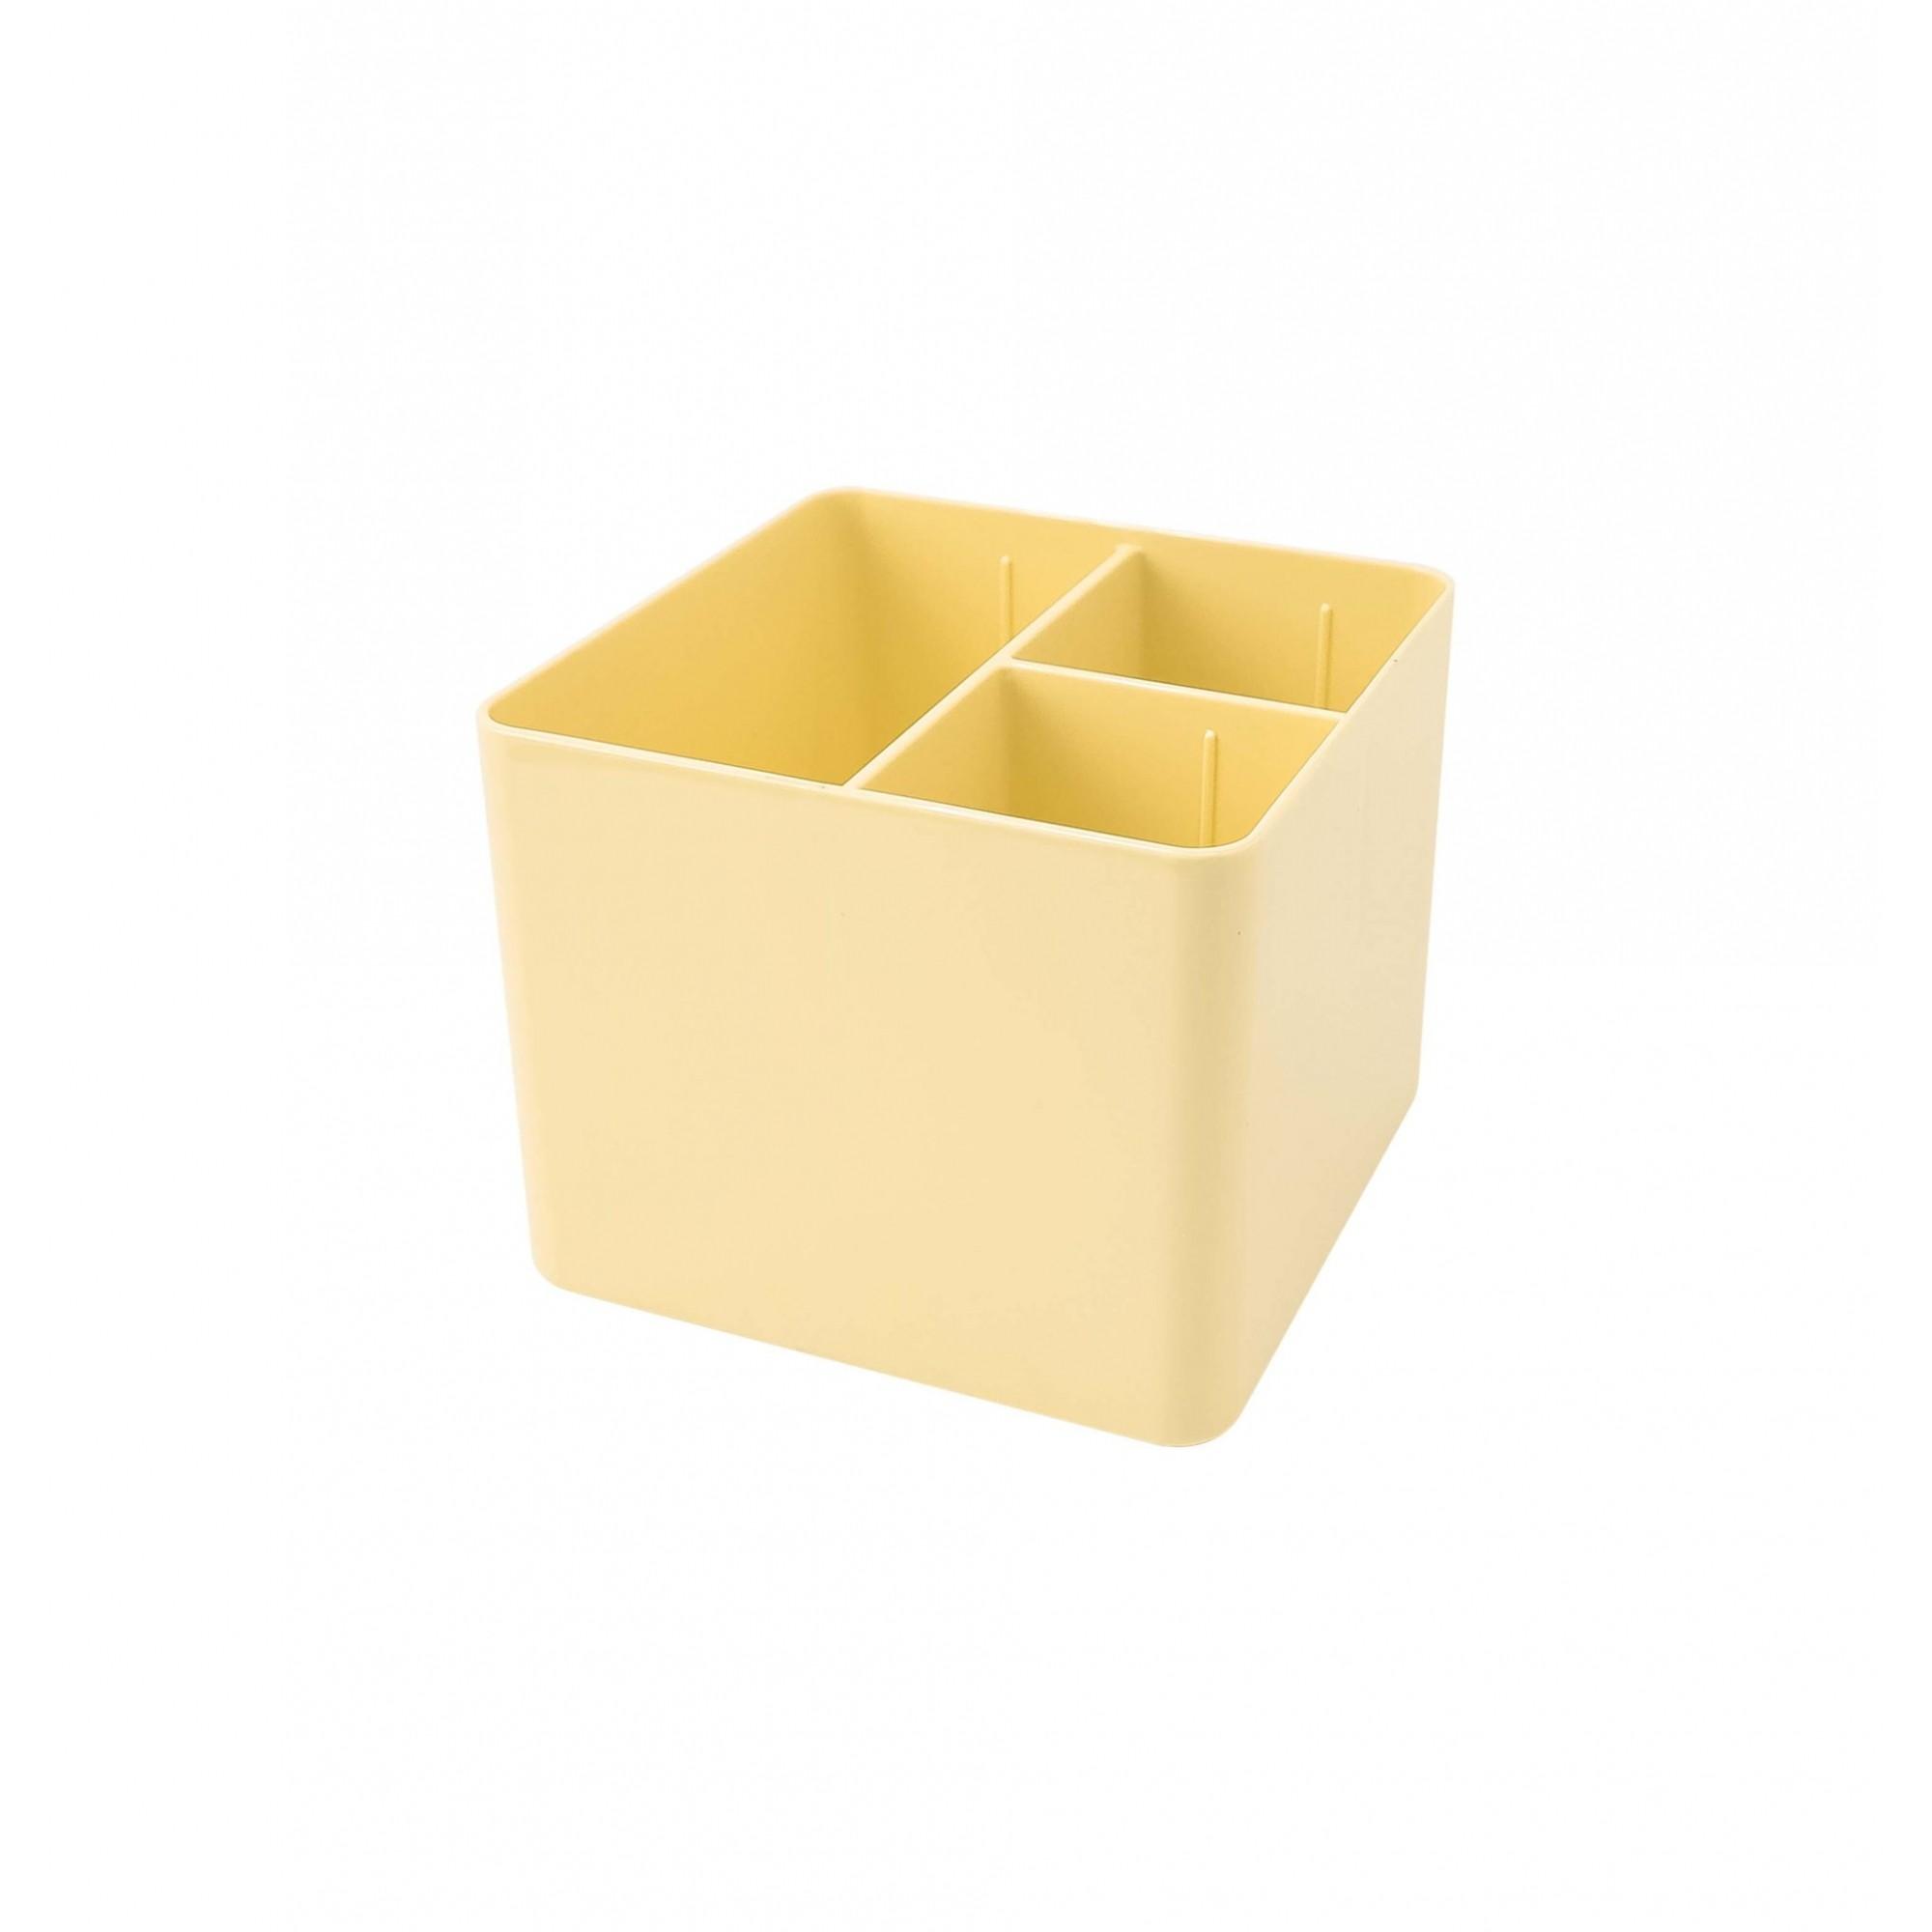 Porta Objeto com 3 Divisórias Tons Pasteis - Dello